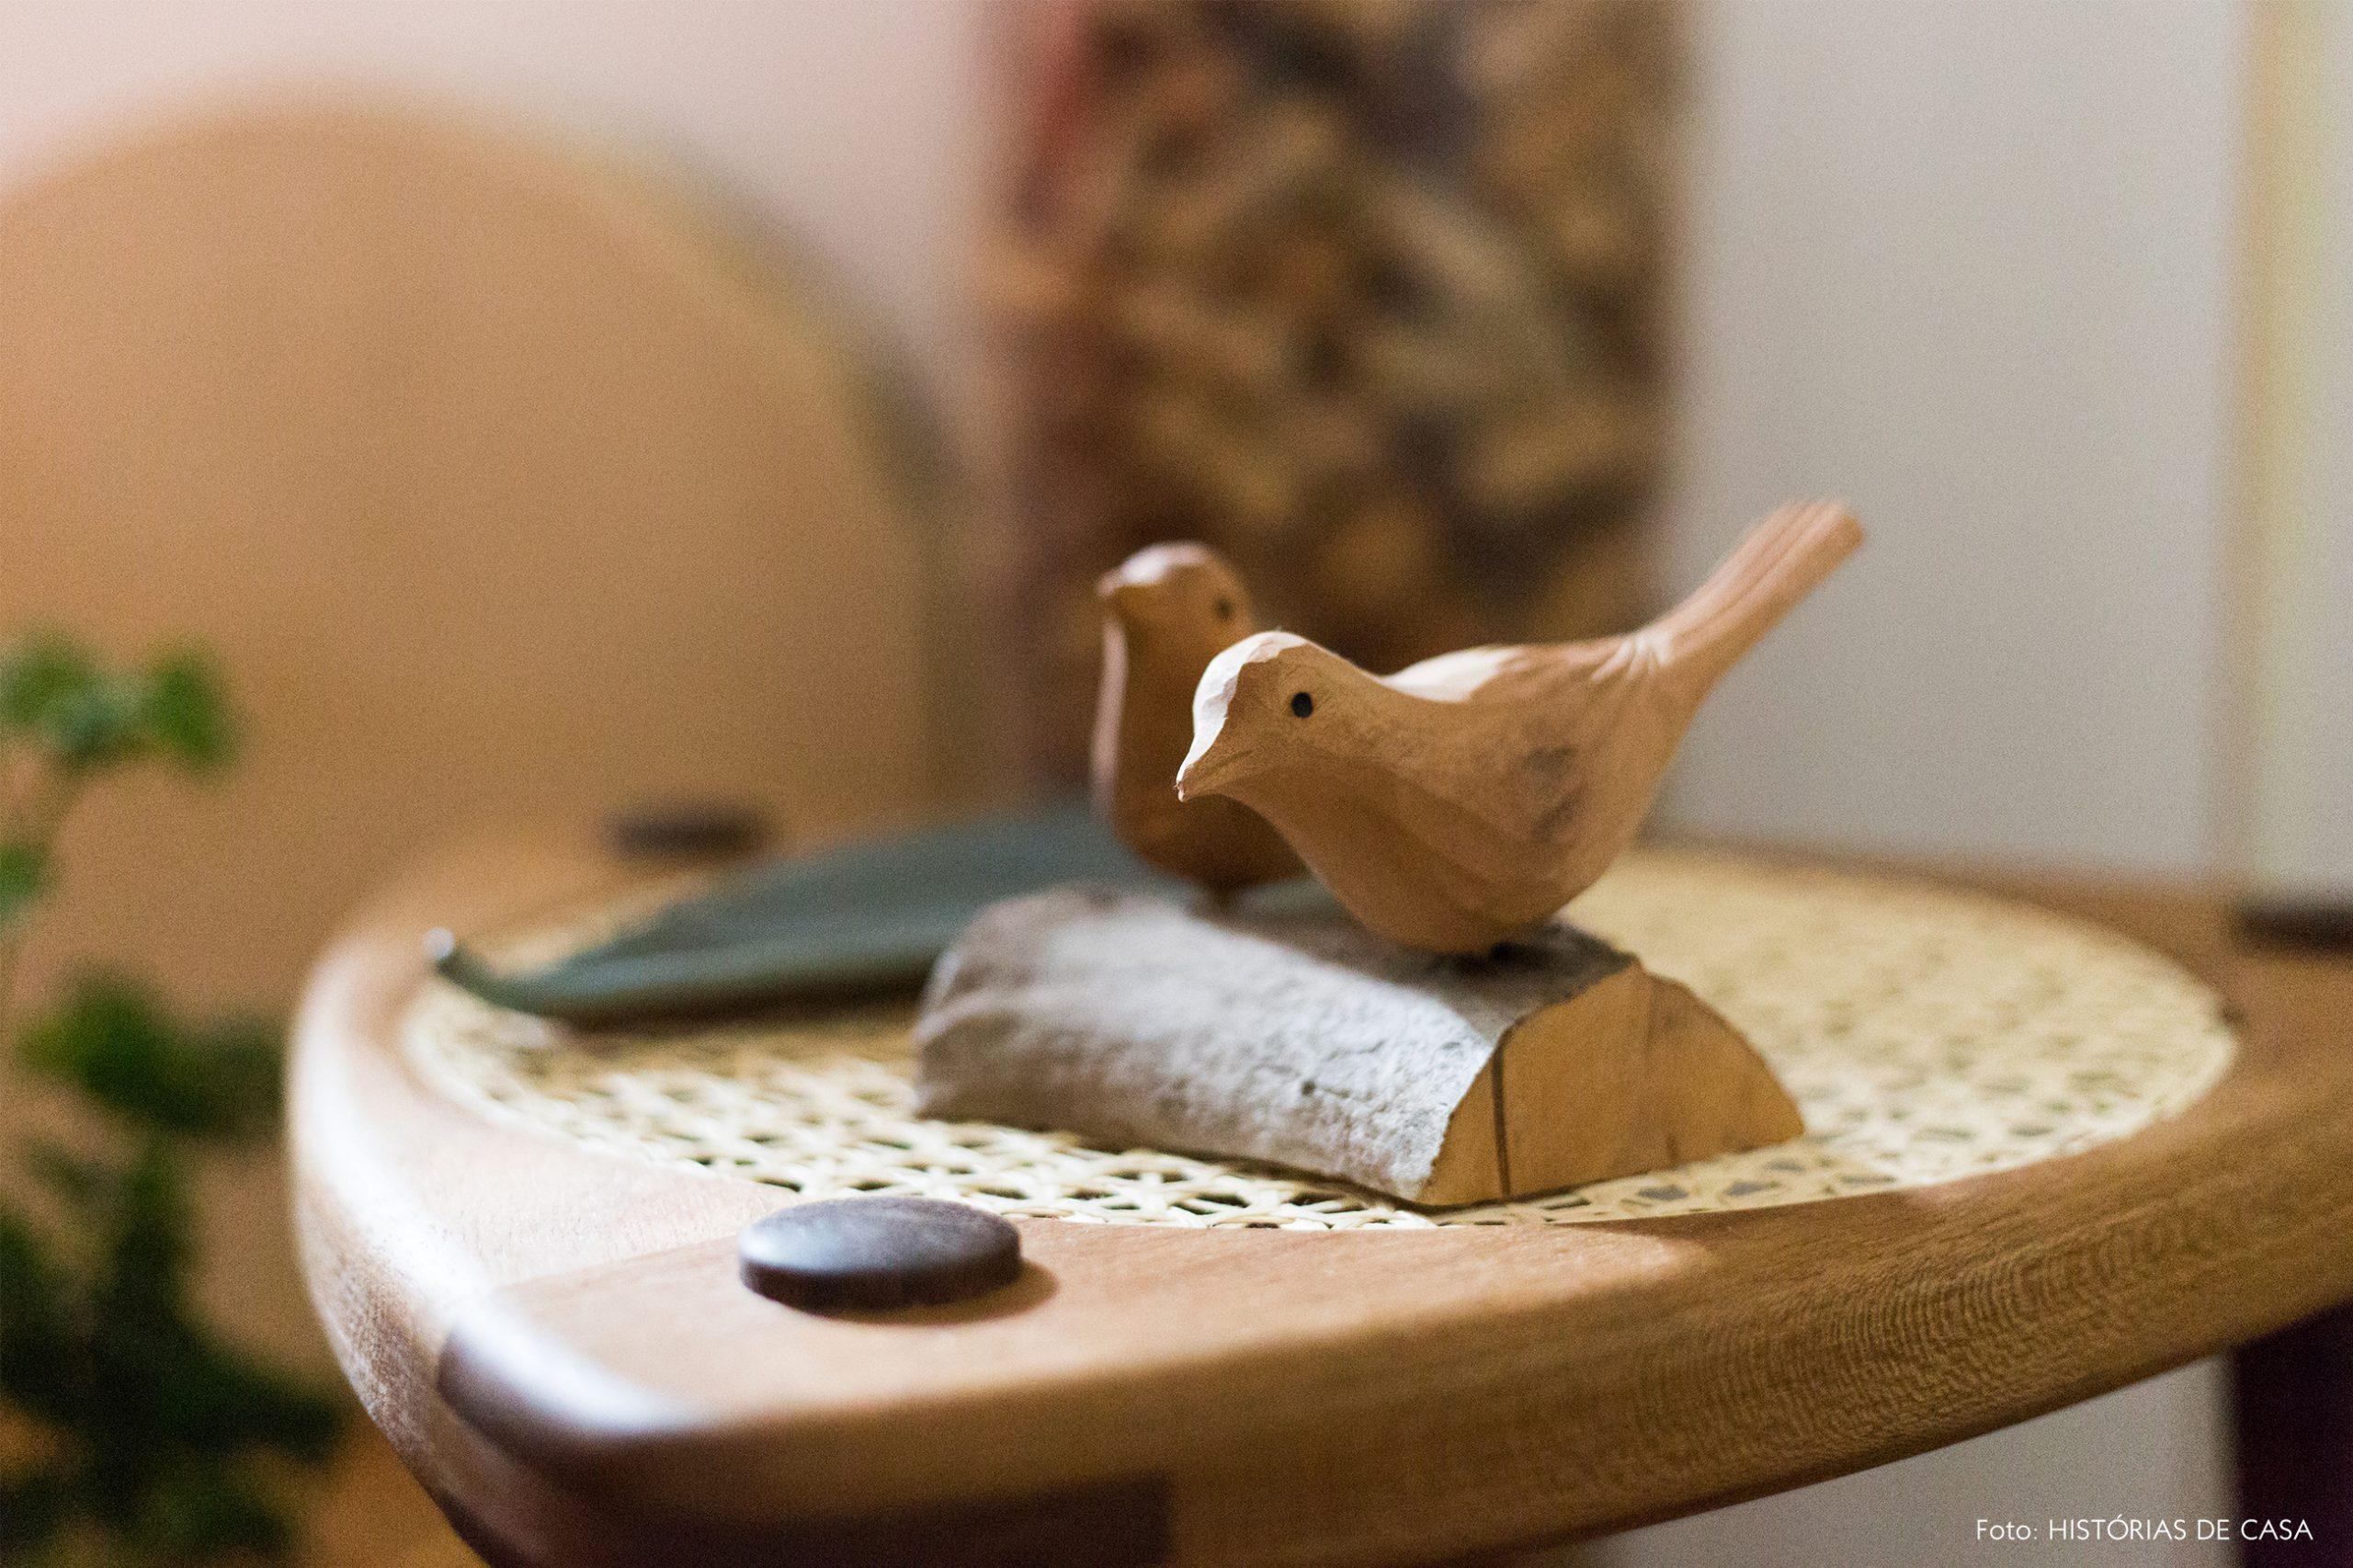 decoração passaro decorativo de madeira em cadeira de palhinha